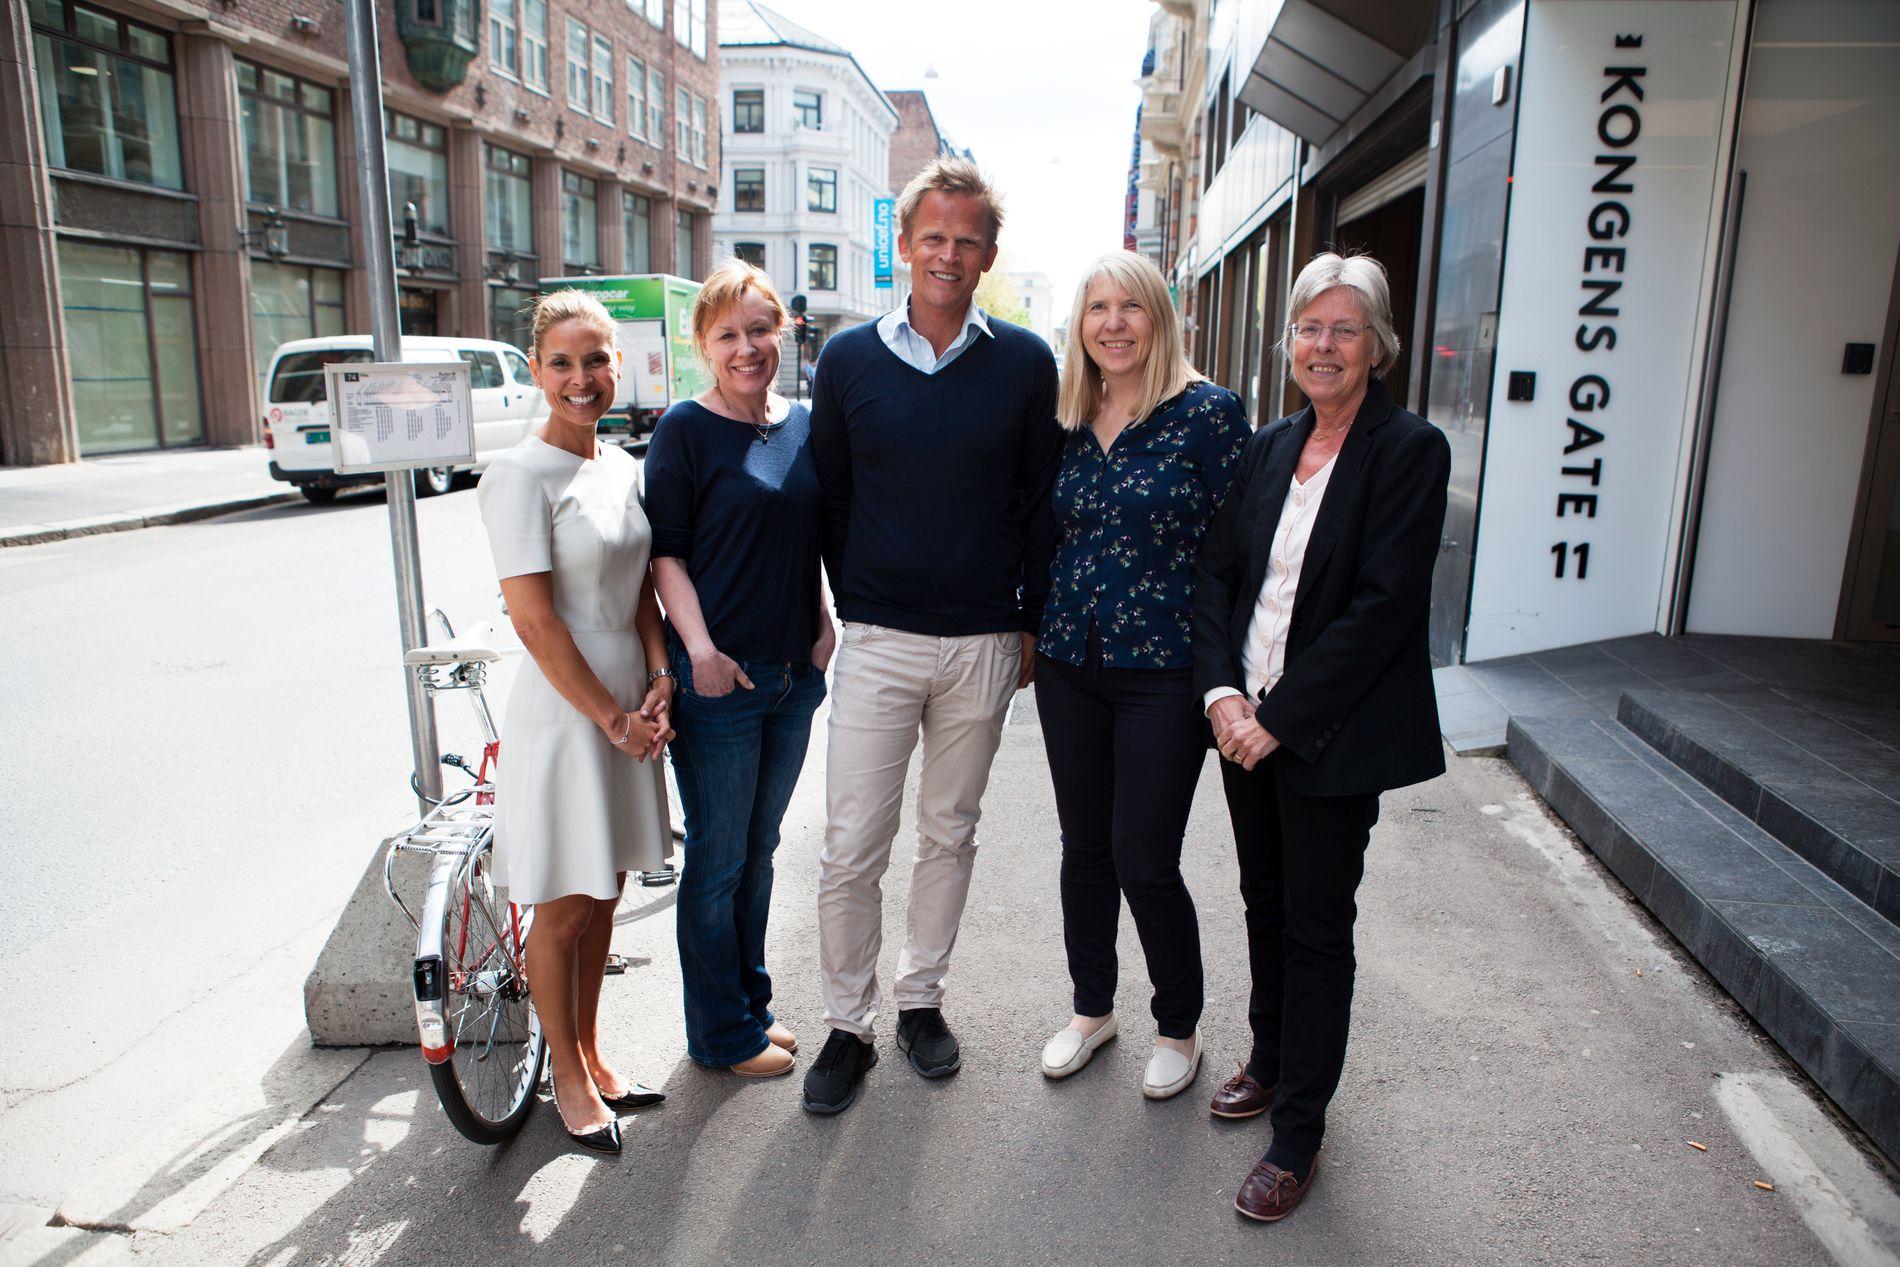 21. mai er den europeiske fedmedagen. I den forbindelse lanseres et nytt stort prosjekt. Dette er noen av de som er med i arbeidsgruppen. Fra venstre: Samira Lekhal, overlege ved Senter for sykelig overvekt i Helse Sør-Øst, Annechen Bugge, forsker ved SIFO, Knut Ivar Karevold, direktør i GreeNudge, Ida Synnøve Grini, rådgiver, Avdeling sensorikk, forbruker og innovasjon i Nofima og Øydis Ueland, forskningssjef, Avdeling sensorikk, forbruker og innovasjon i Nofima.